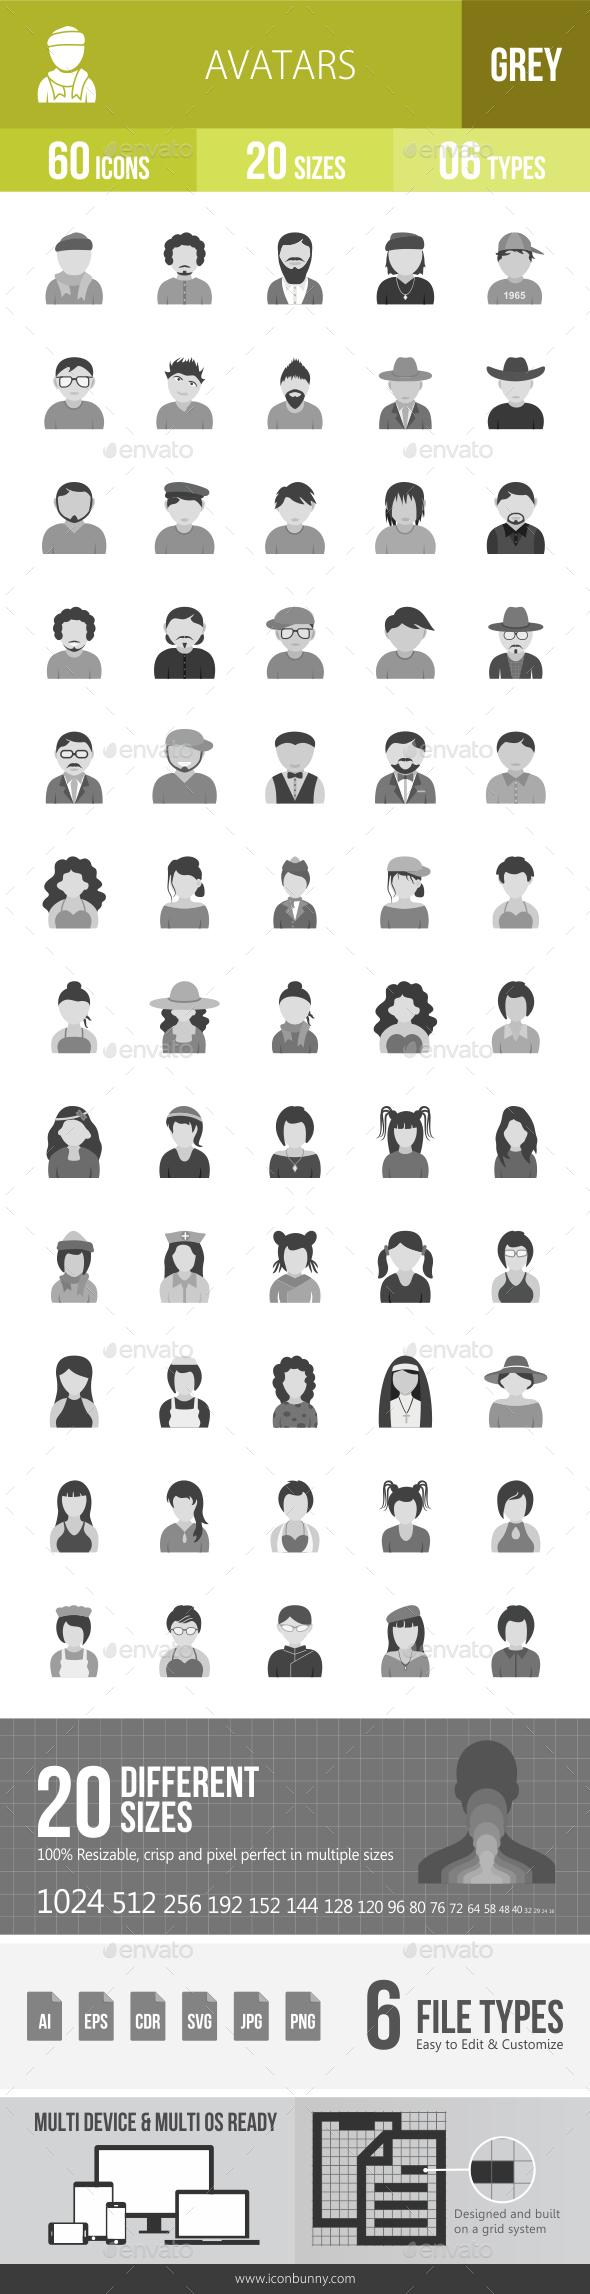 Avatars Greyscale Icons - Icons